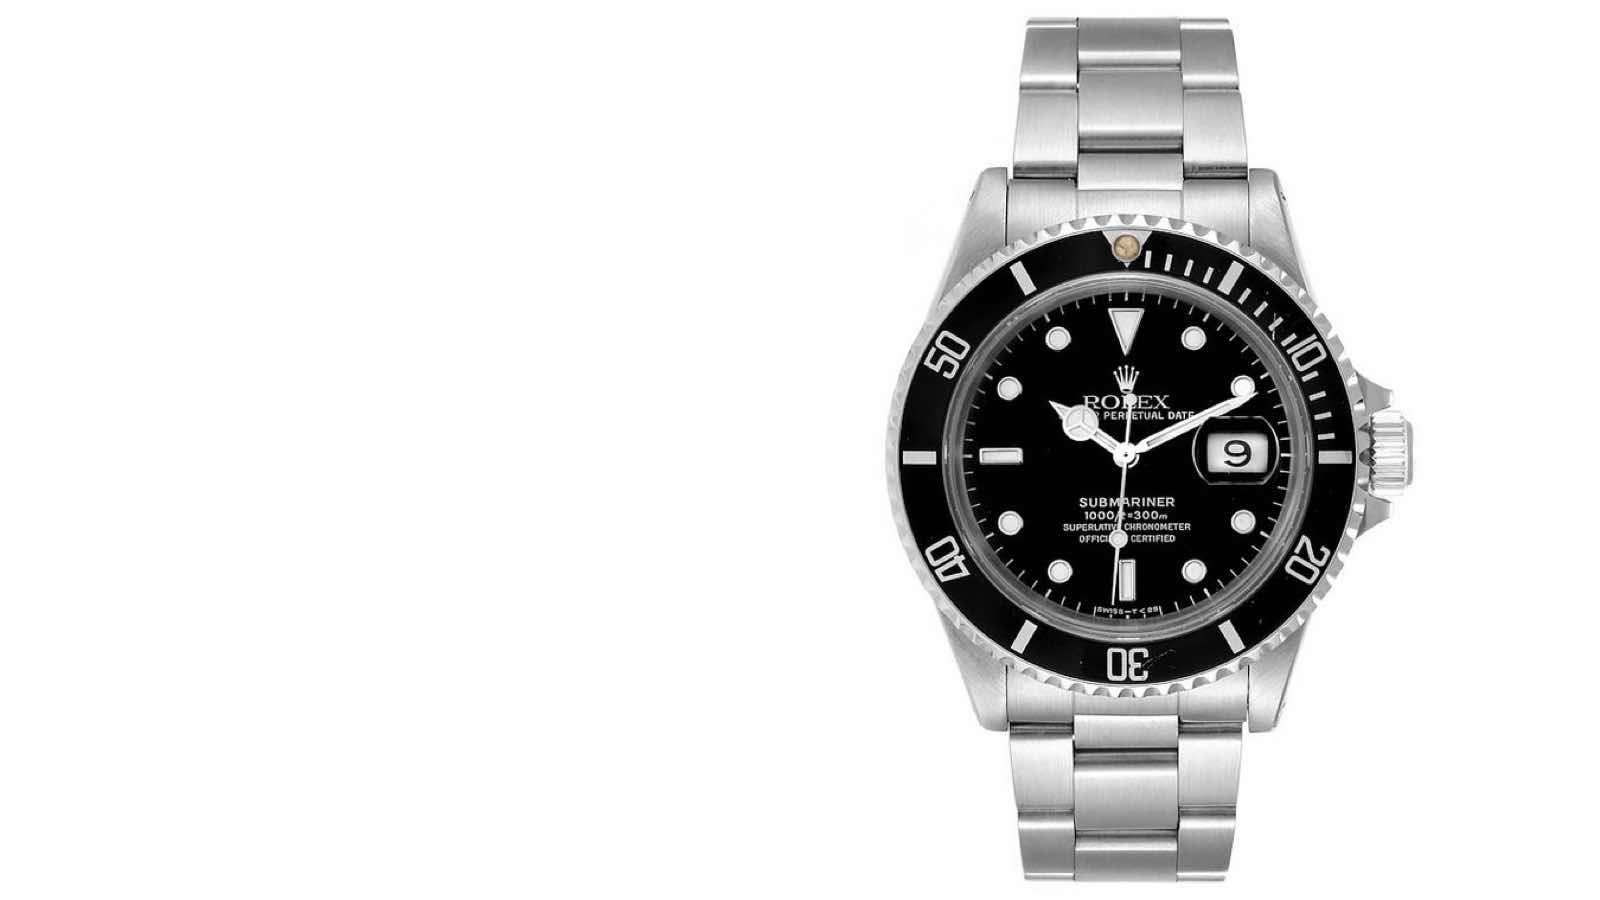 Rolex Watch Background